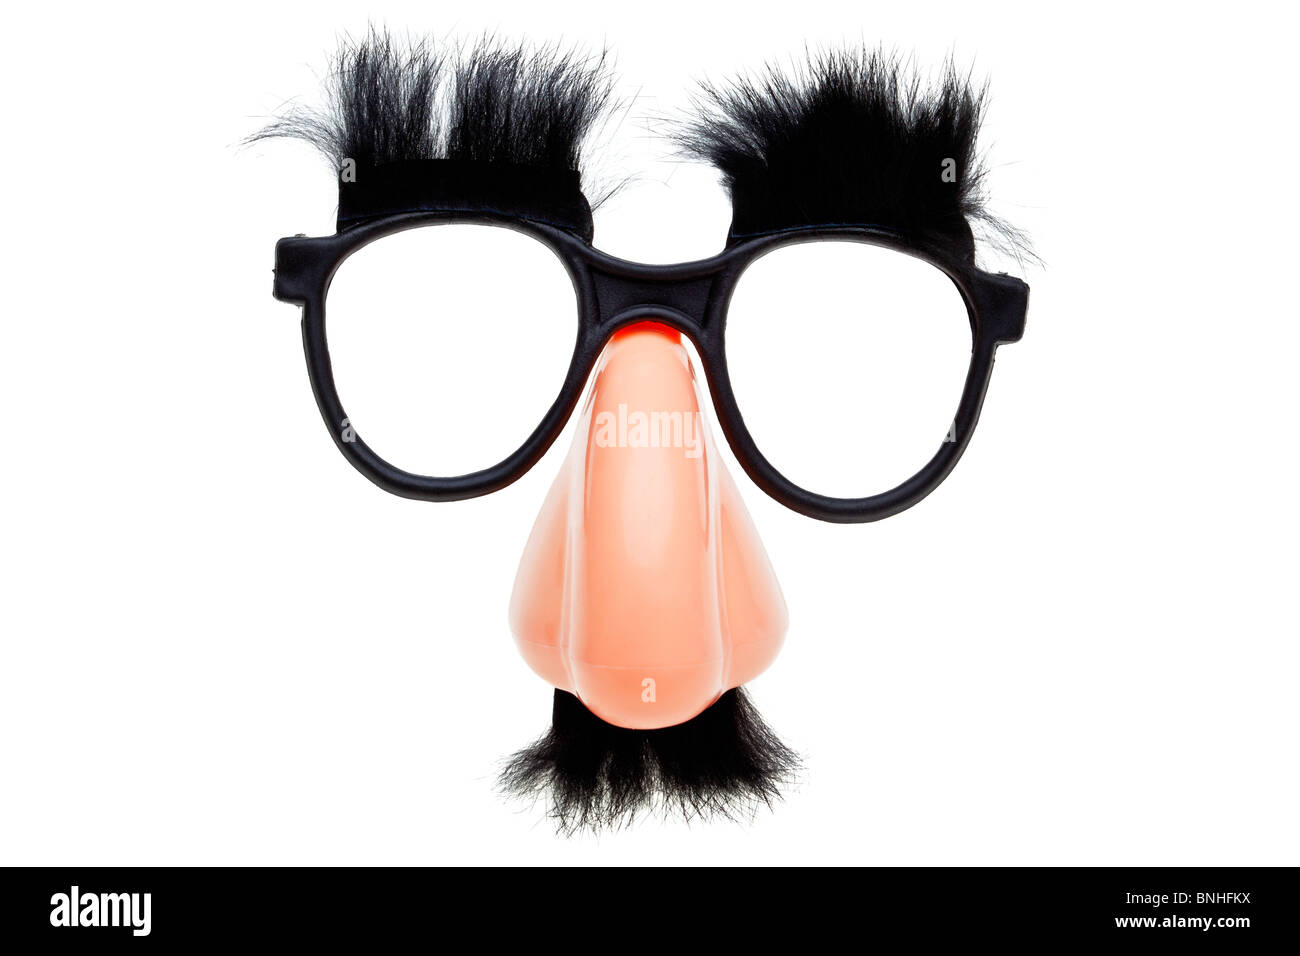 Photo d'une paire de lunettes nouveauté isolé sur fond blanc Photo Stock